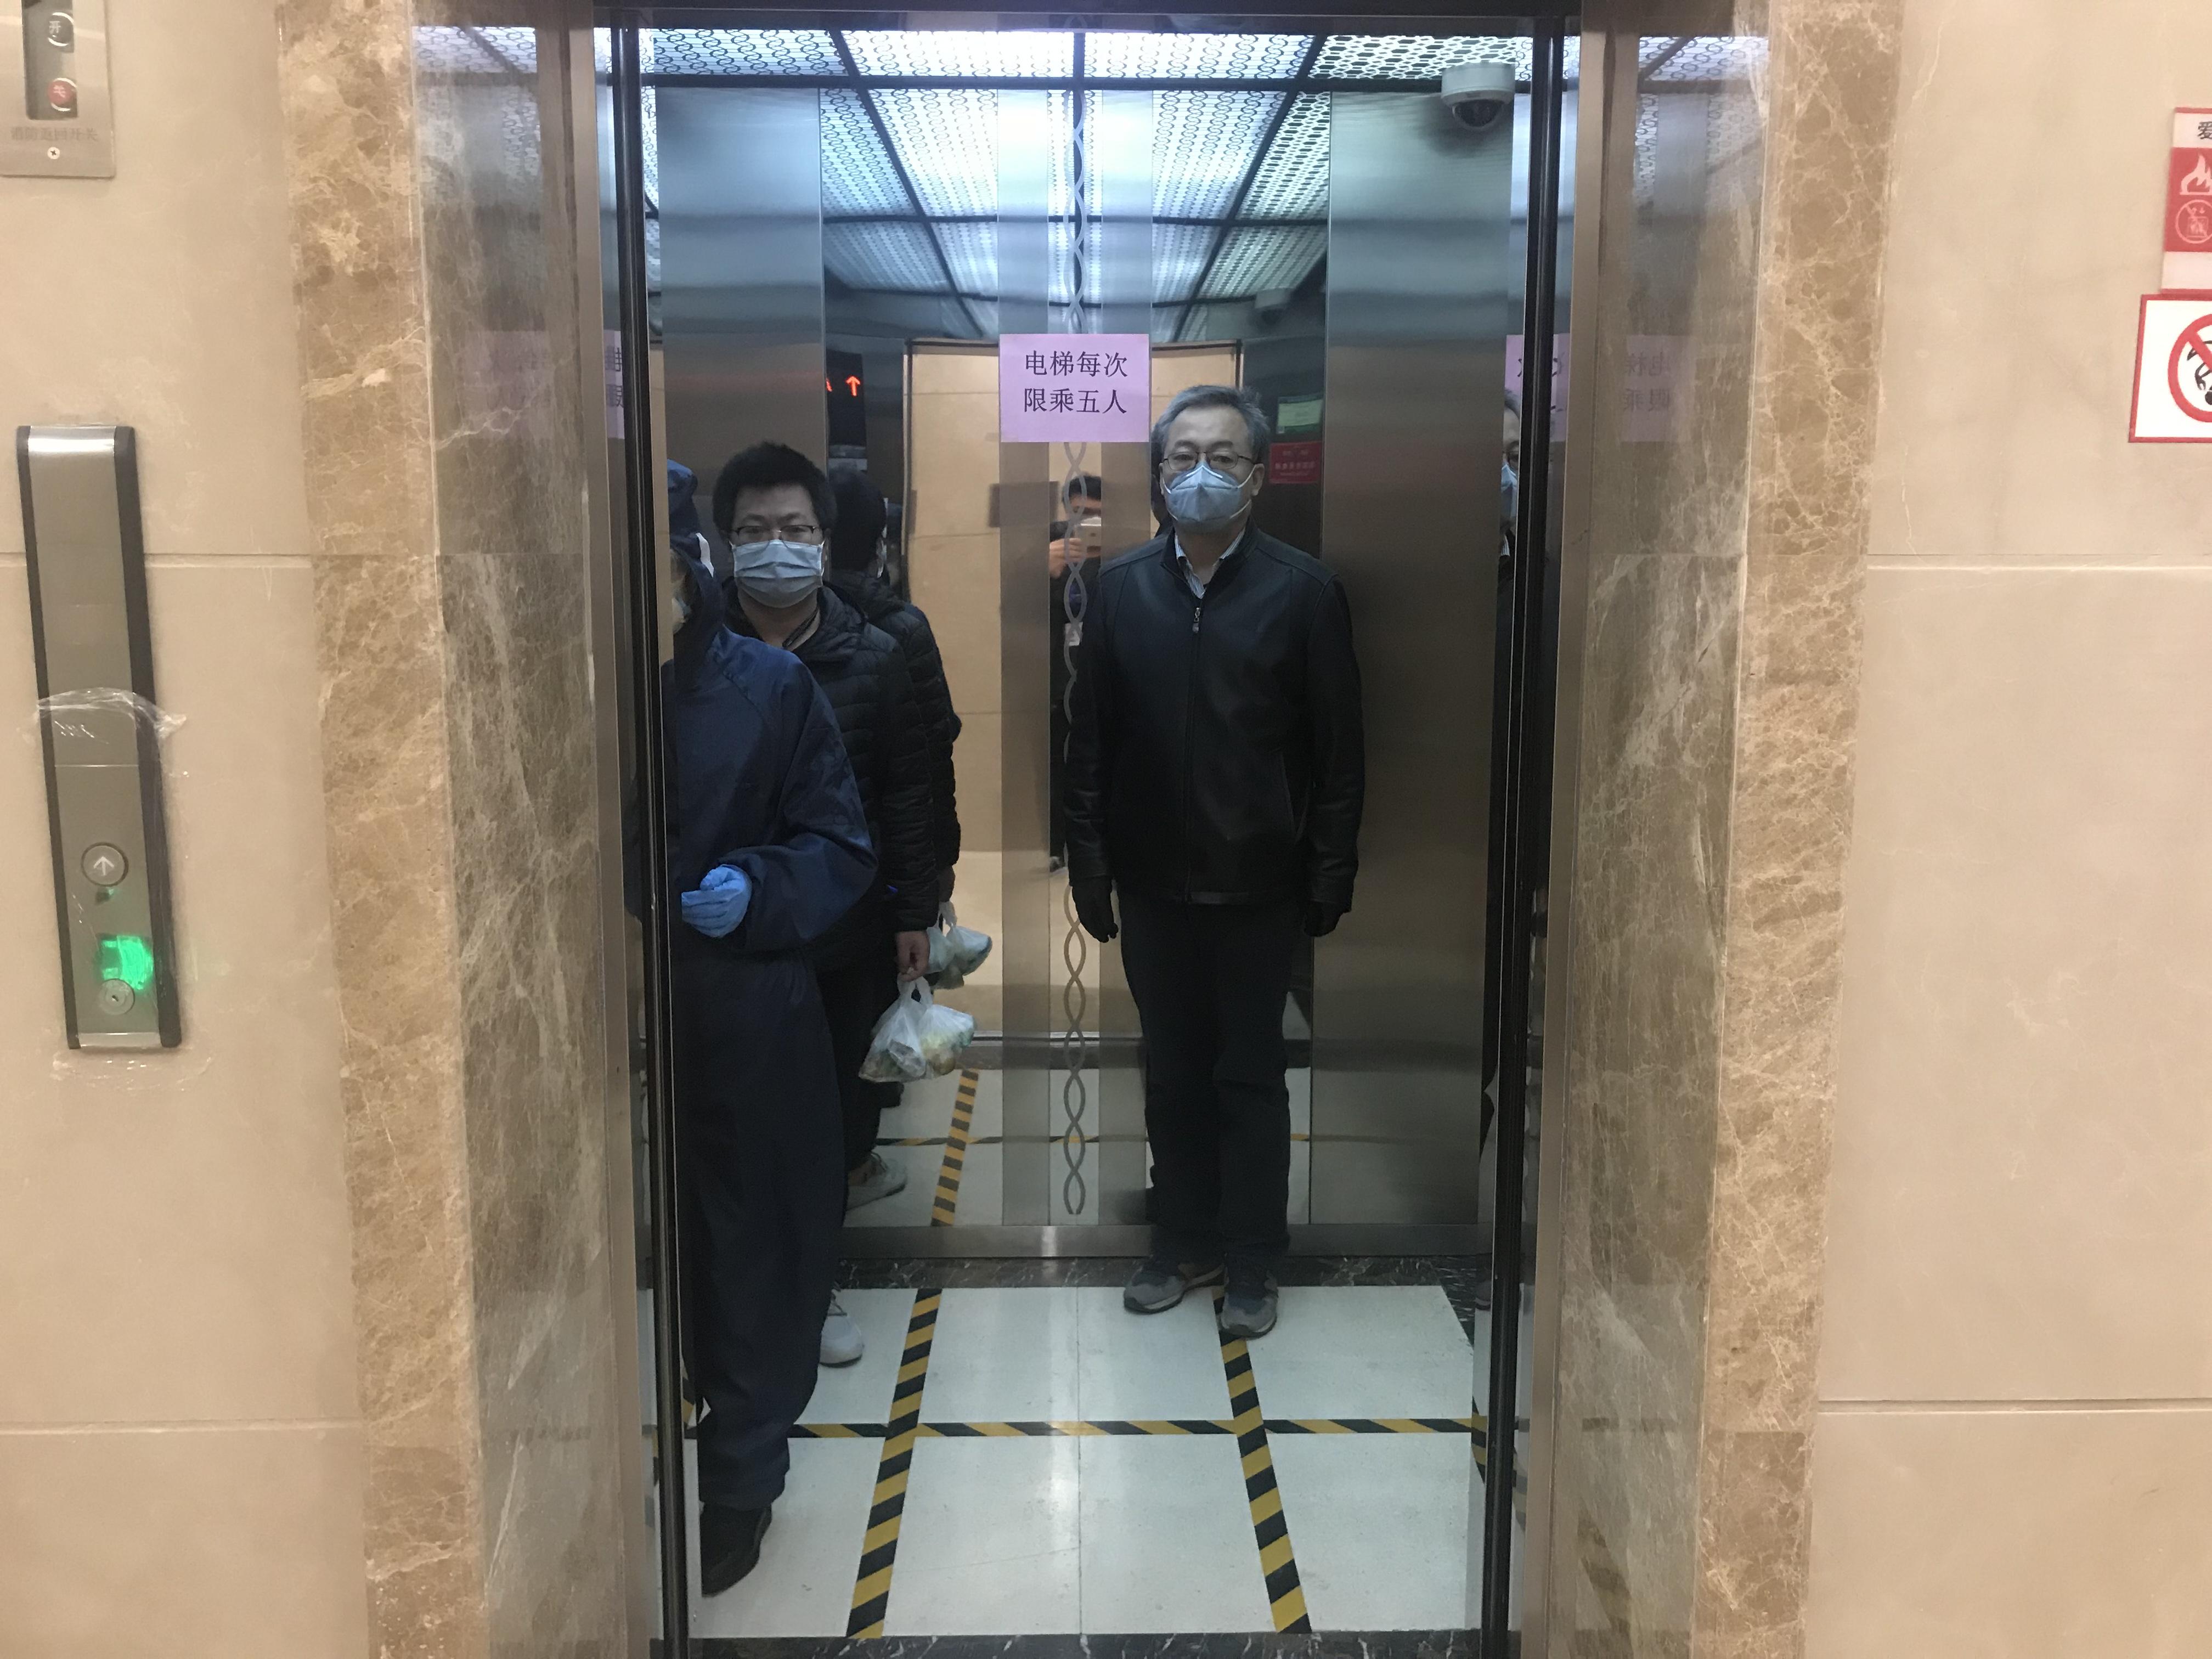 邮储银行甘肃省分行为防止交叉感染电梯每次限乘5人